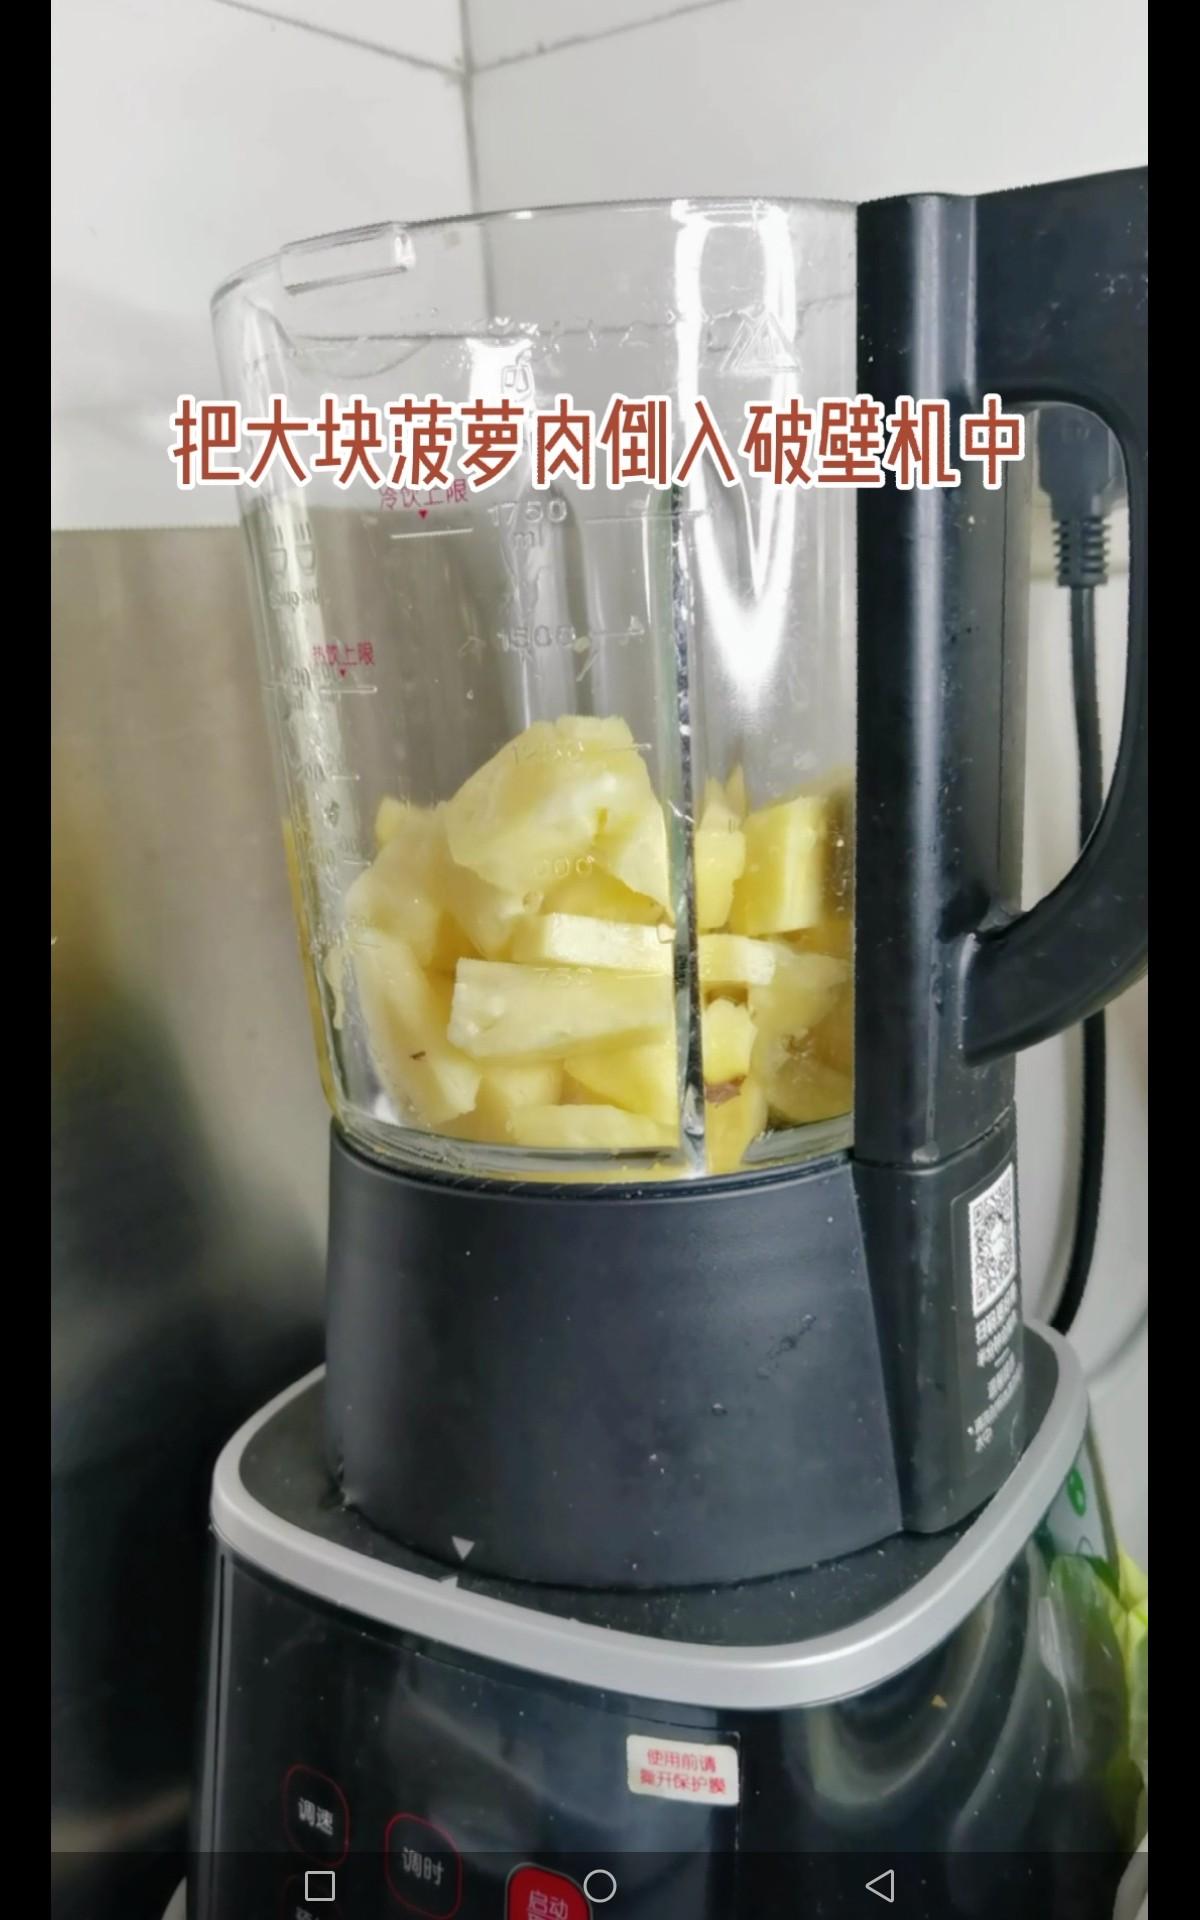 菠萝冰棍的家常做法